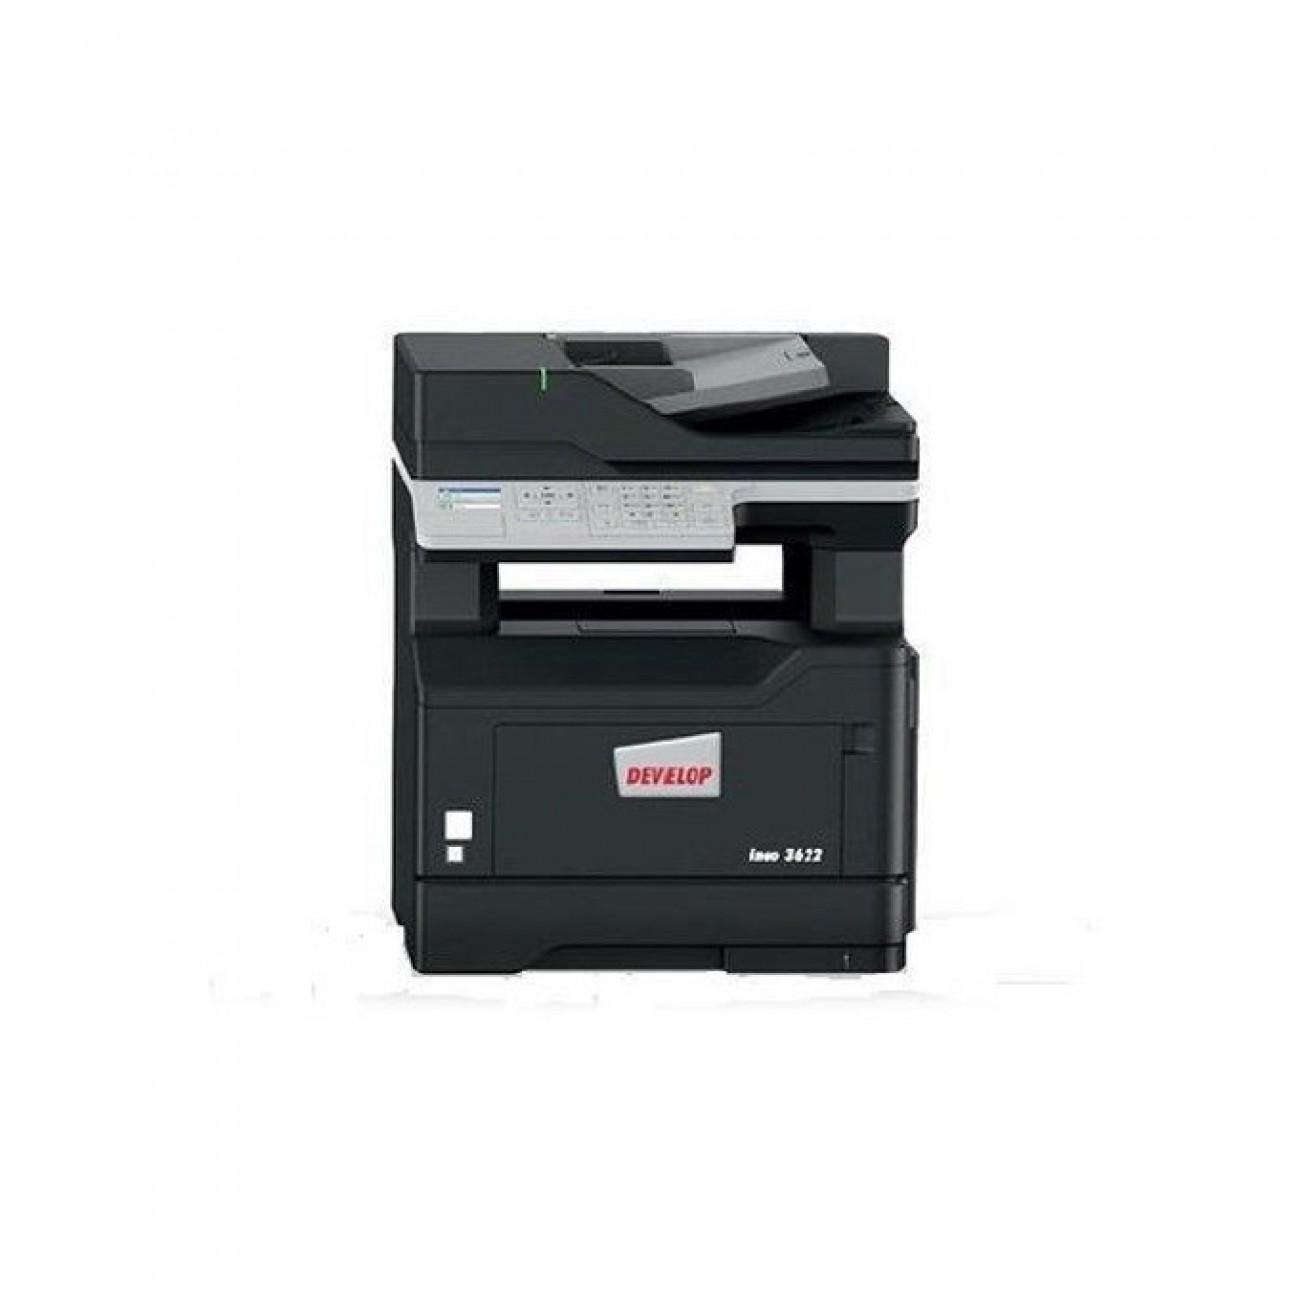 Мултифункционално лазерно устройство DEVELOP ineo 3622, монохромeн принтер.копир/скенер/факс, 1,200 x 1,200 dpi, 36 стр./мин, Wi-Fi, LAN, USB, A4 в Мултифункционали и MFP - Develop | Alleop